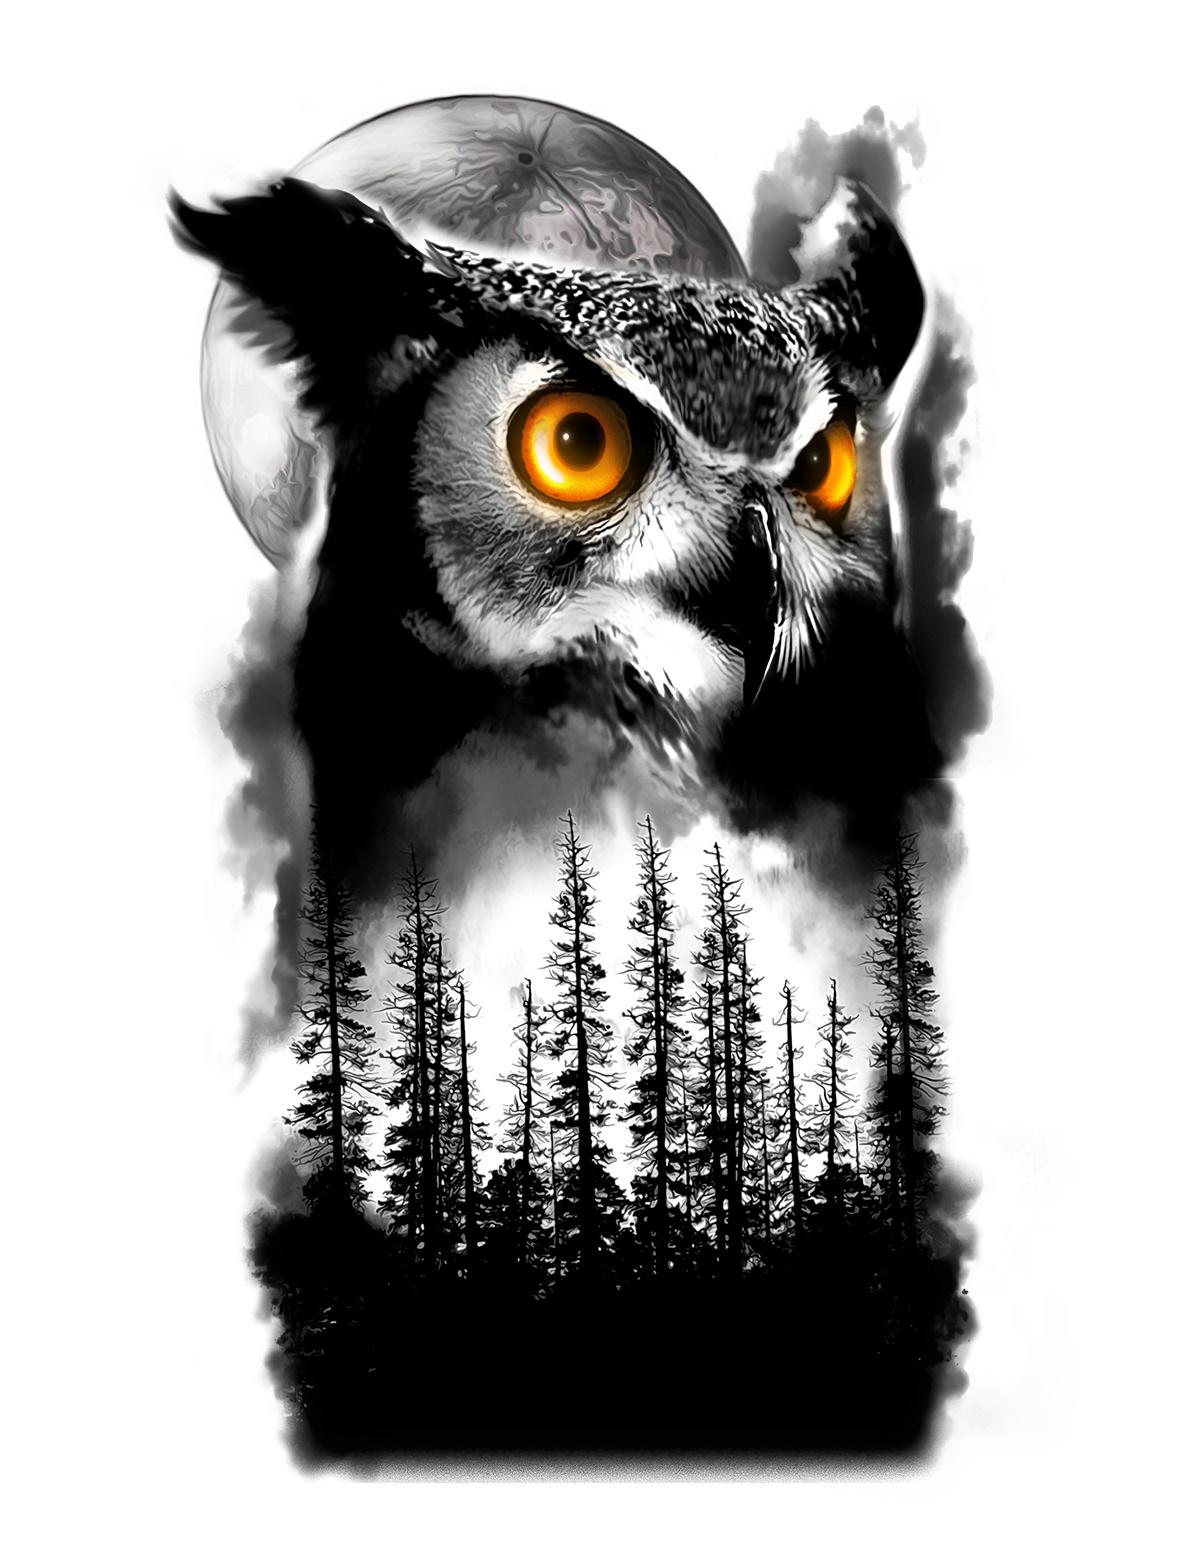 Owl And Tree Half Sleeve Tattoo Design On Behance